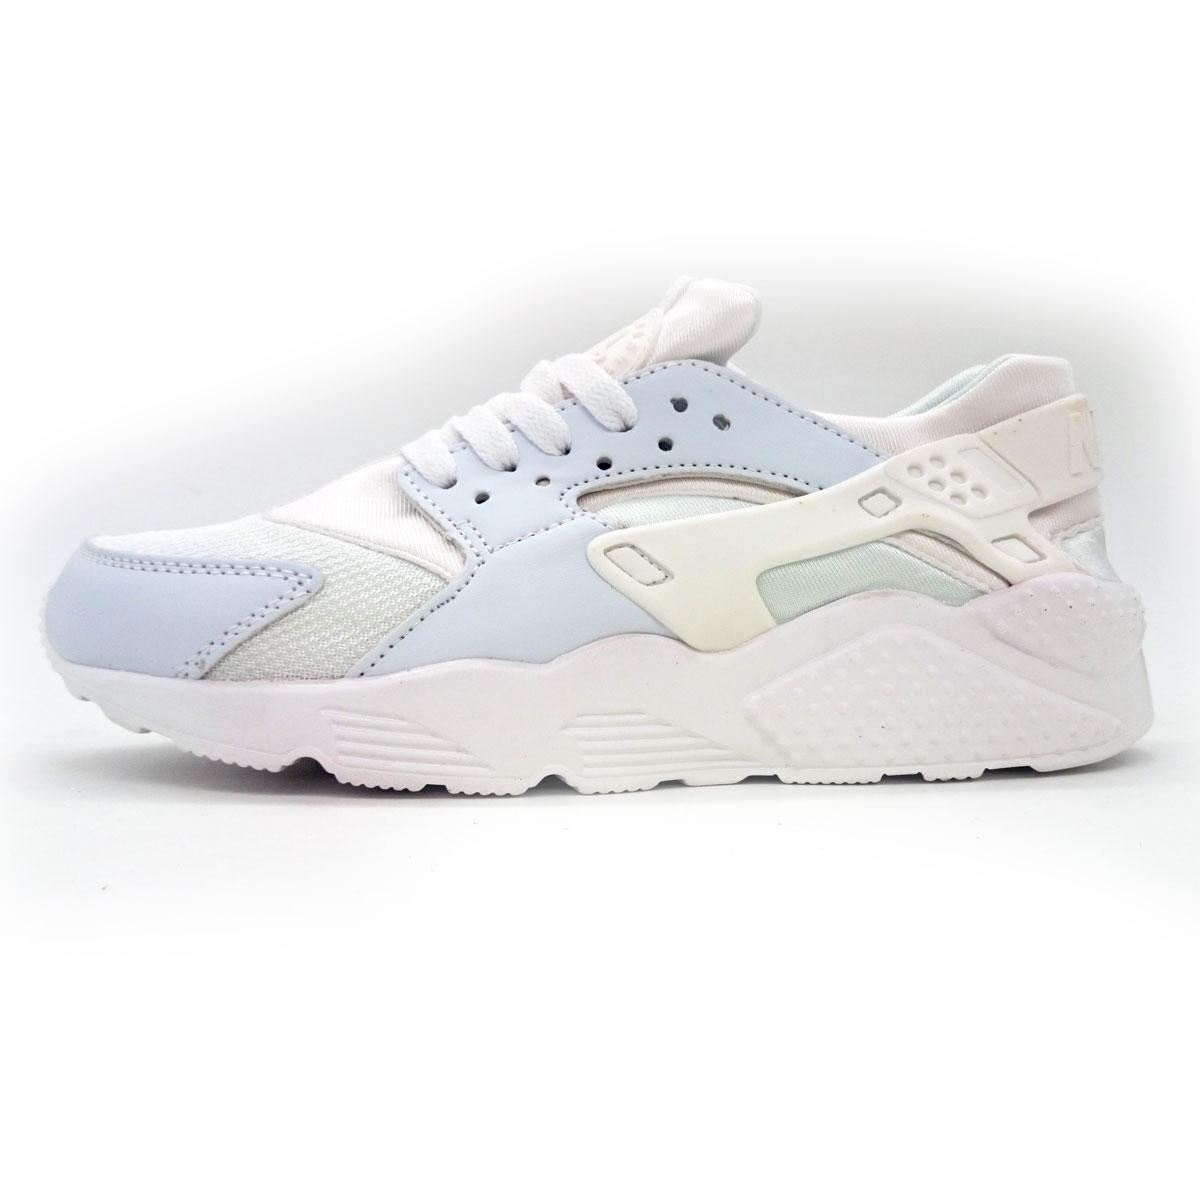 фото main Женские кроссовки Nike Huarache белые main